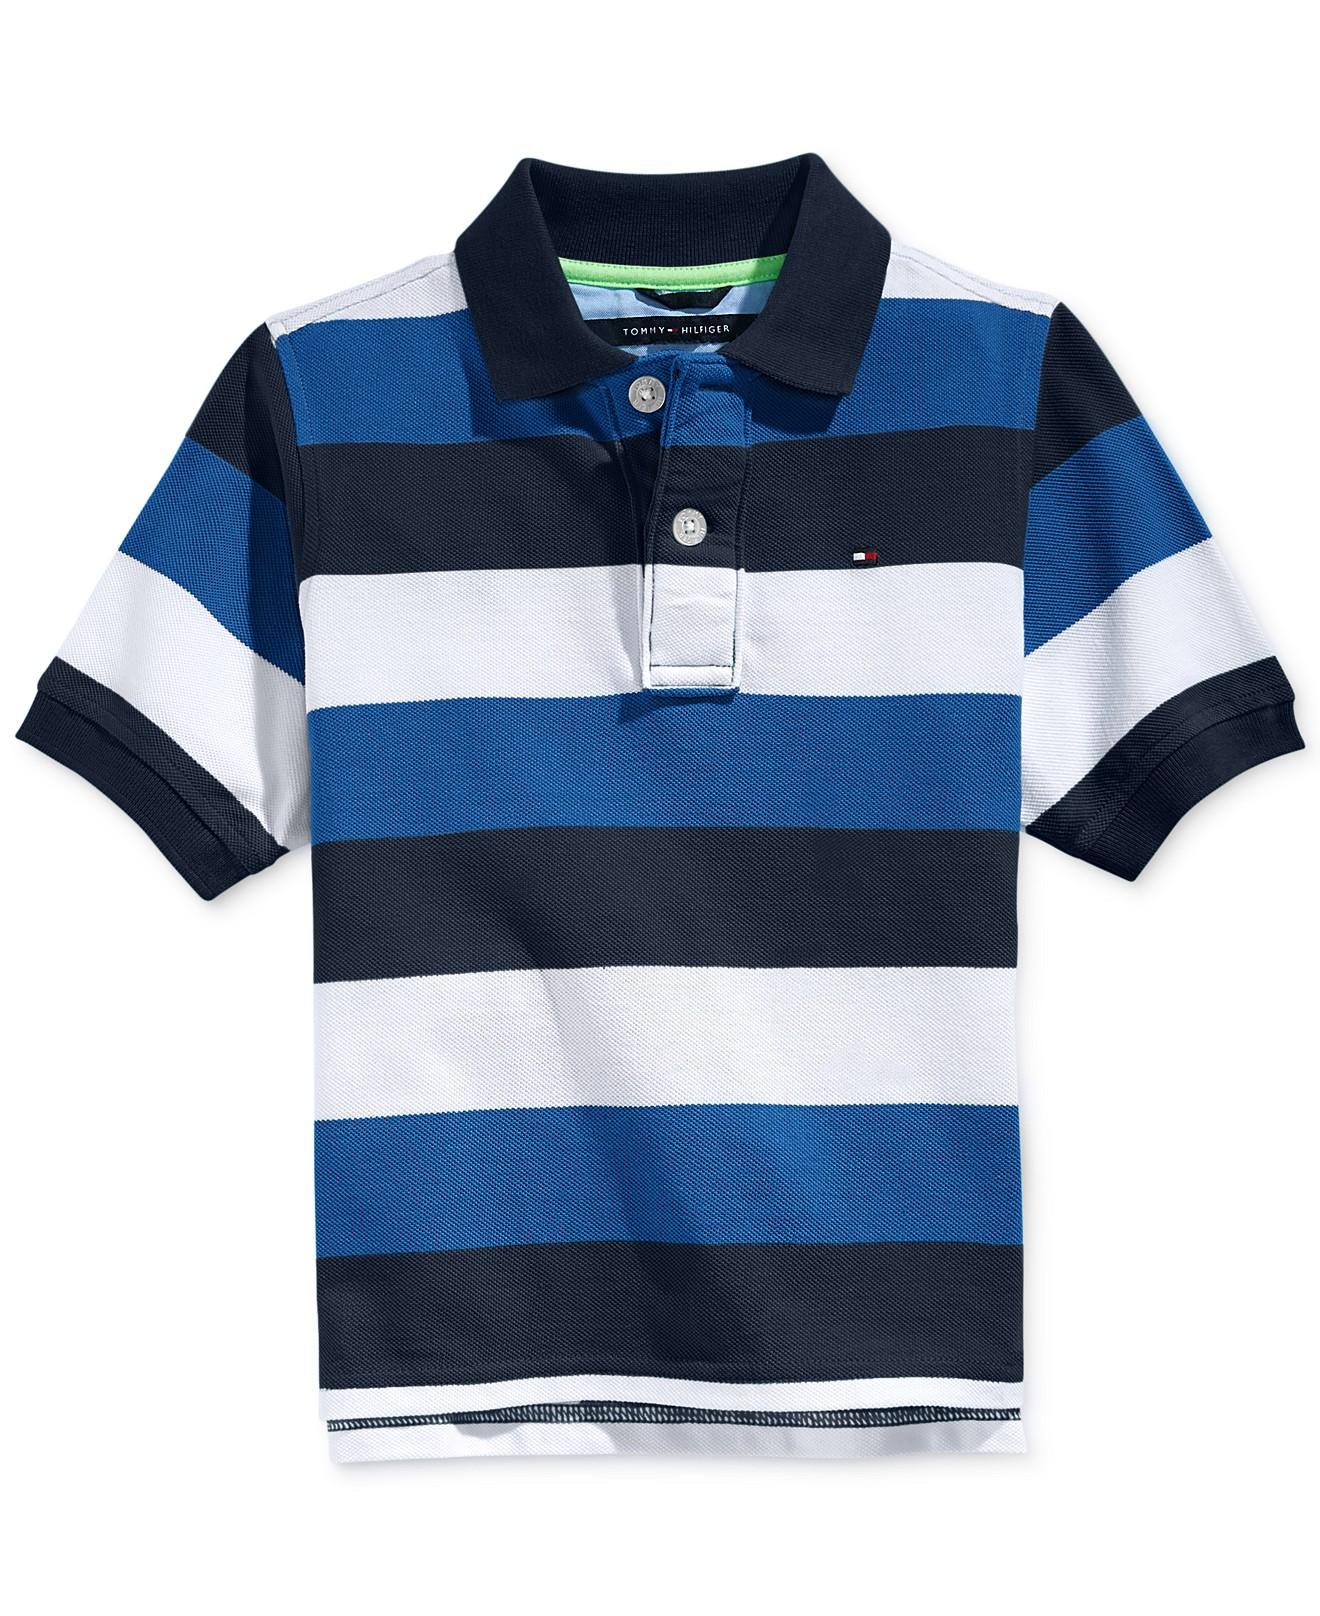 Футболка детская Tommy hilfiger  2015 POLO ML футболка детская tommy hilfiger 2015 polo ml